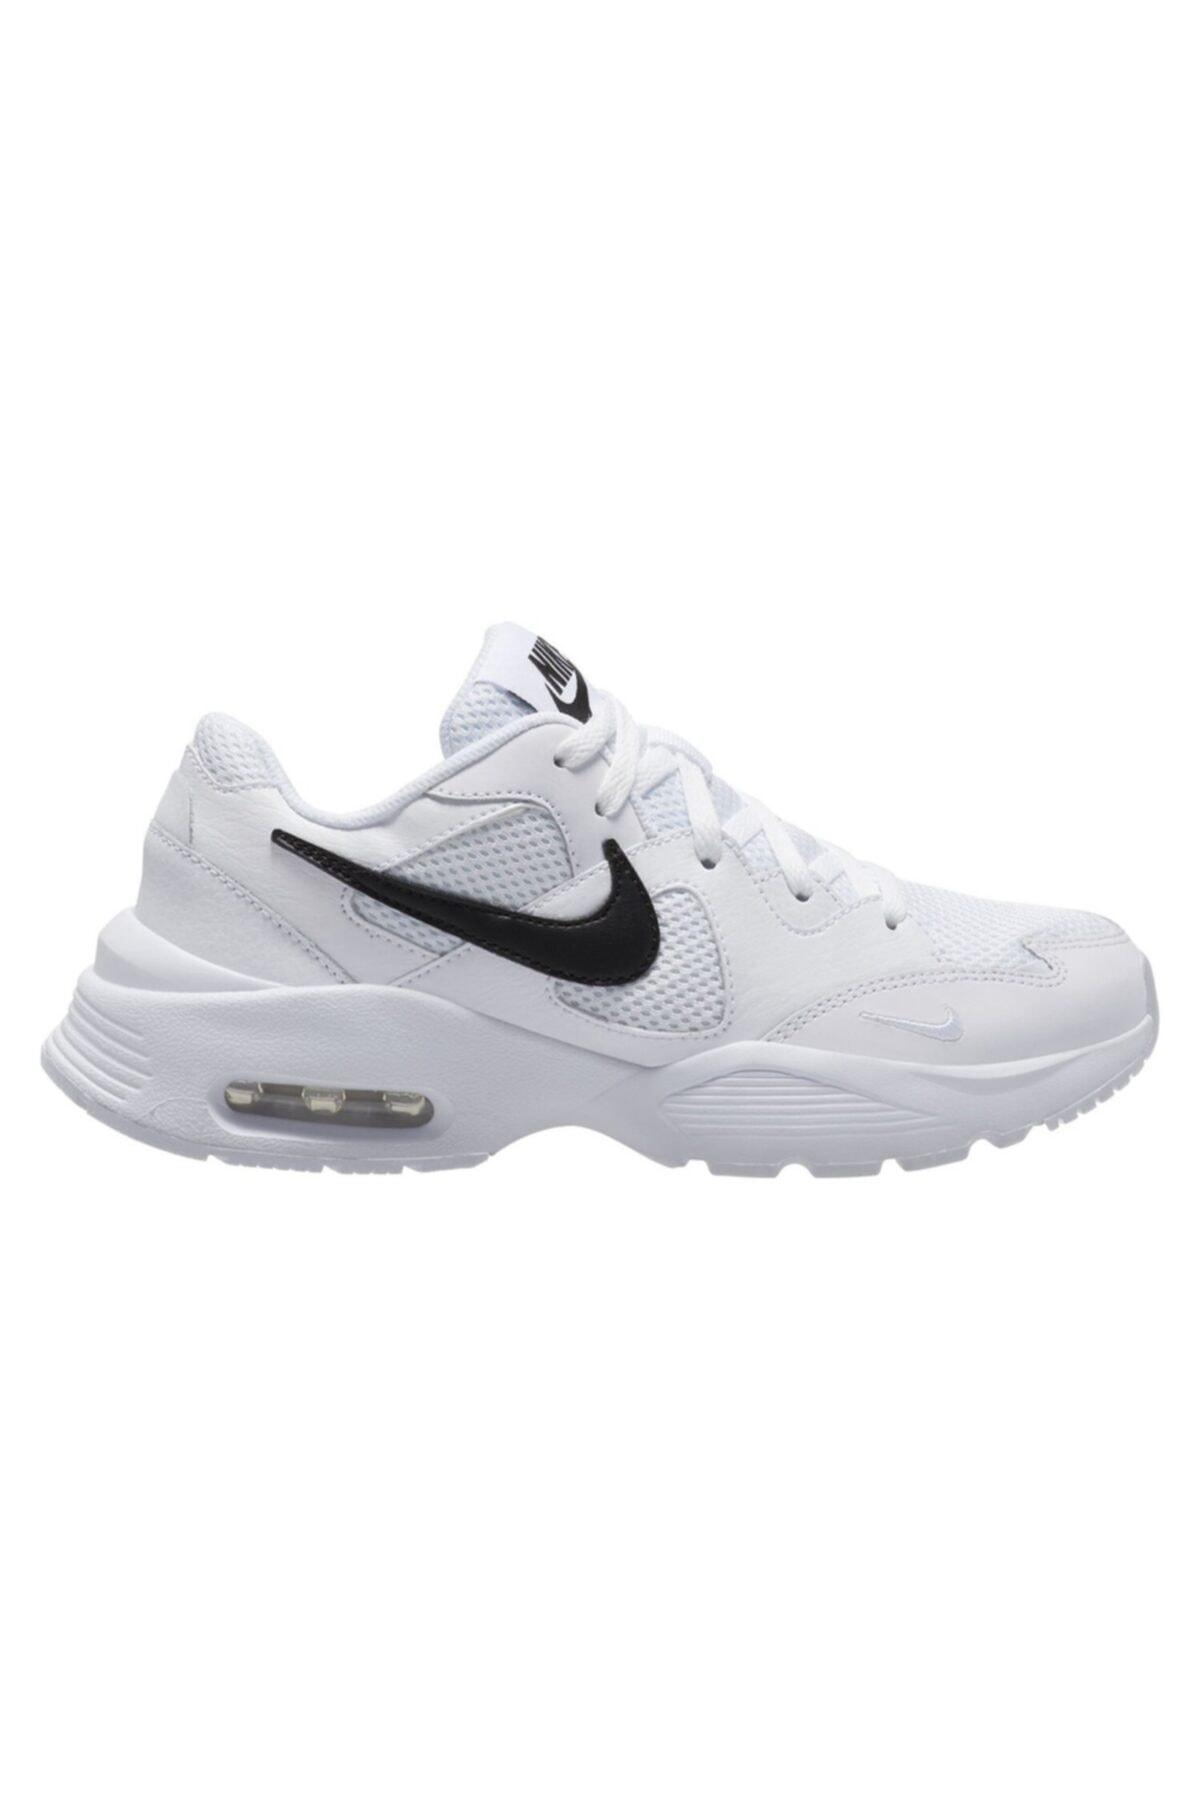 Nike Kadın Beyaz Spor Ayakkabı Nıke Wmns Aır Max Fusıon Cj1671-100 1